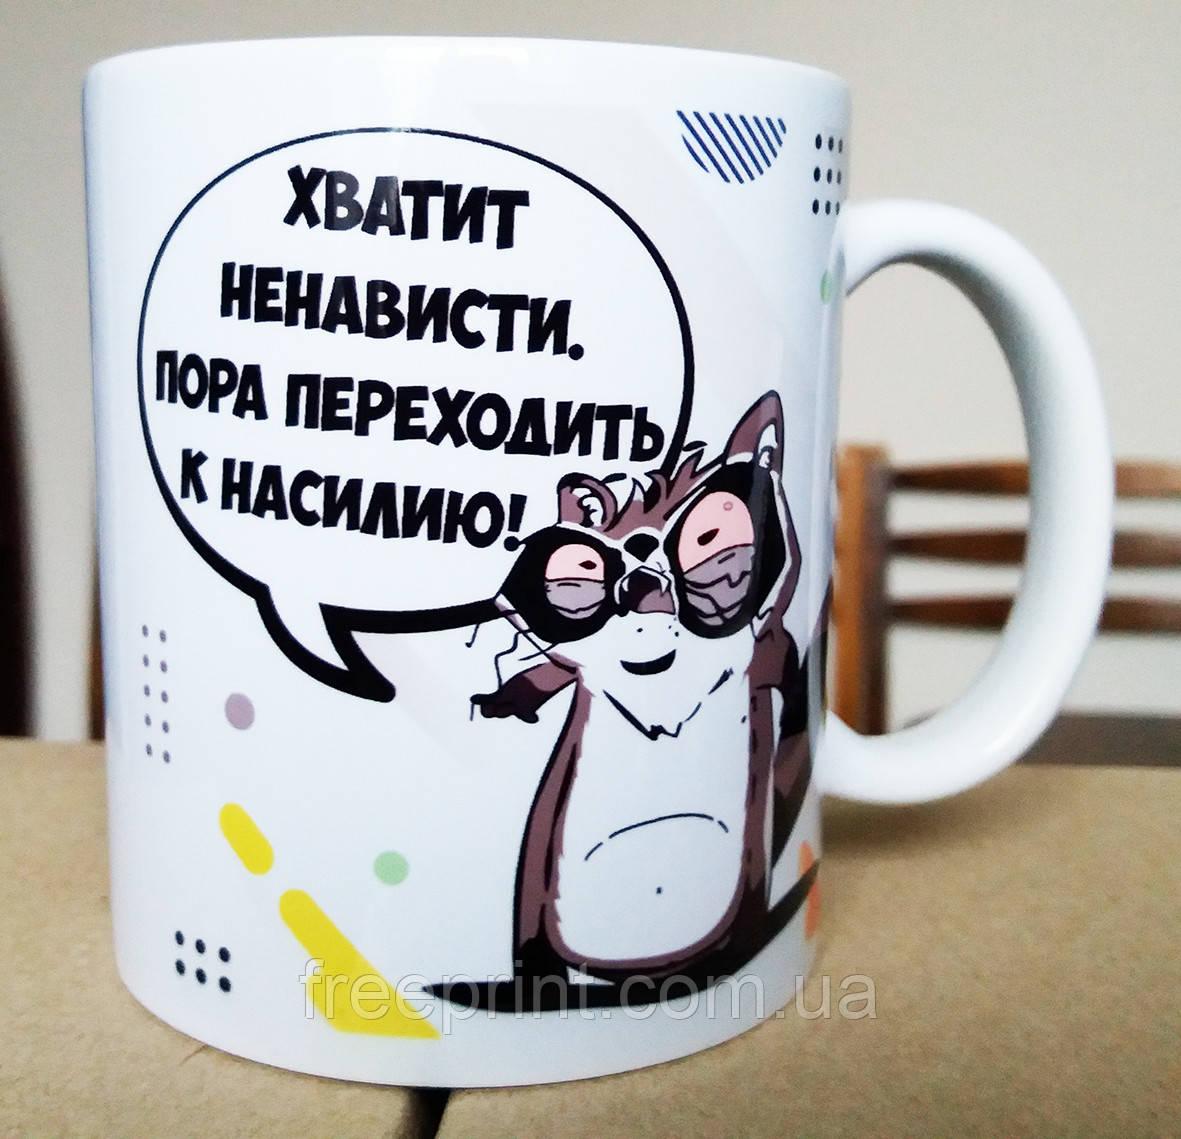 """Чашка-прикол """"Енот Толик - хватит ненависти"""" Для категории 18+. Печать на чашках, кружках."""